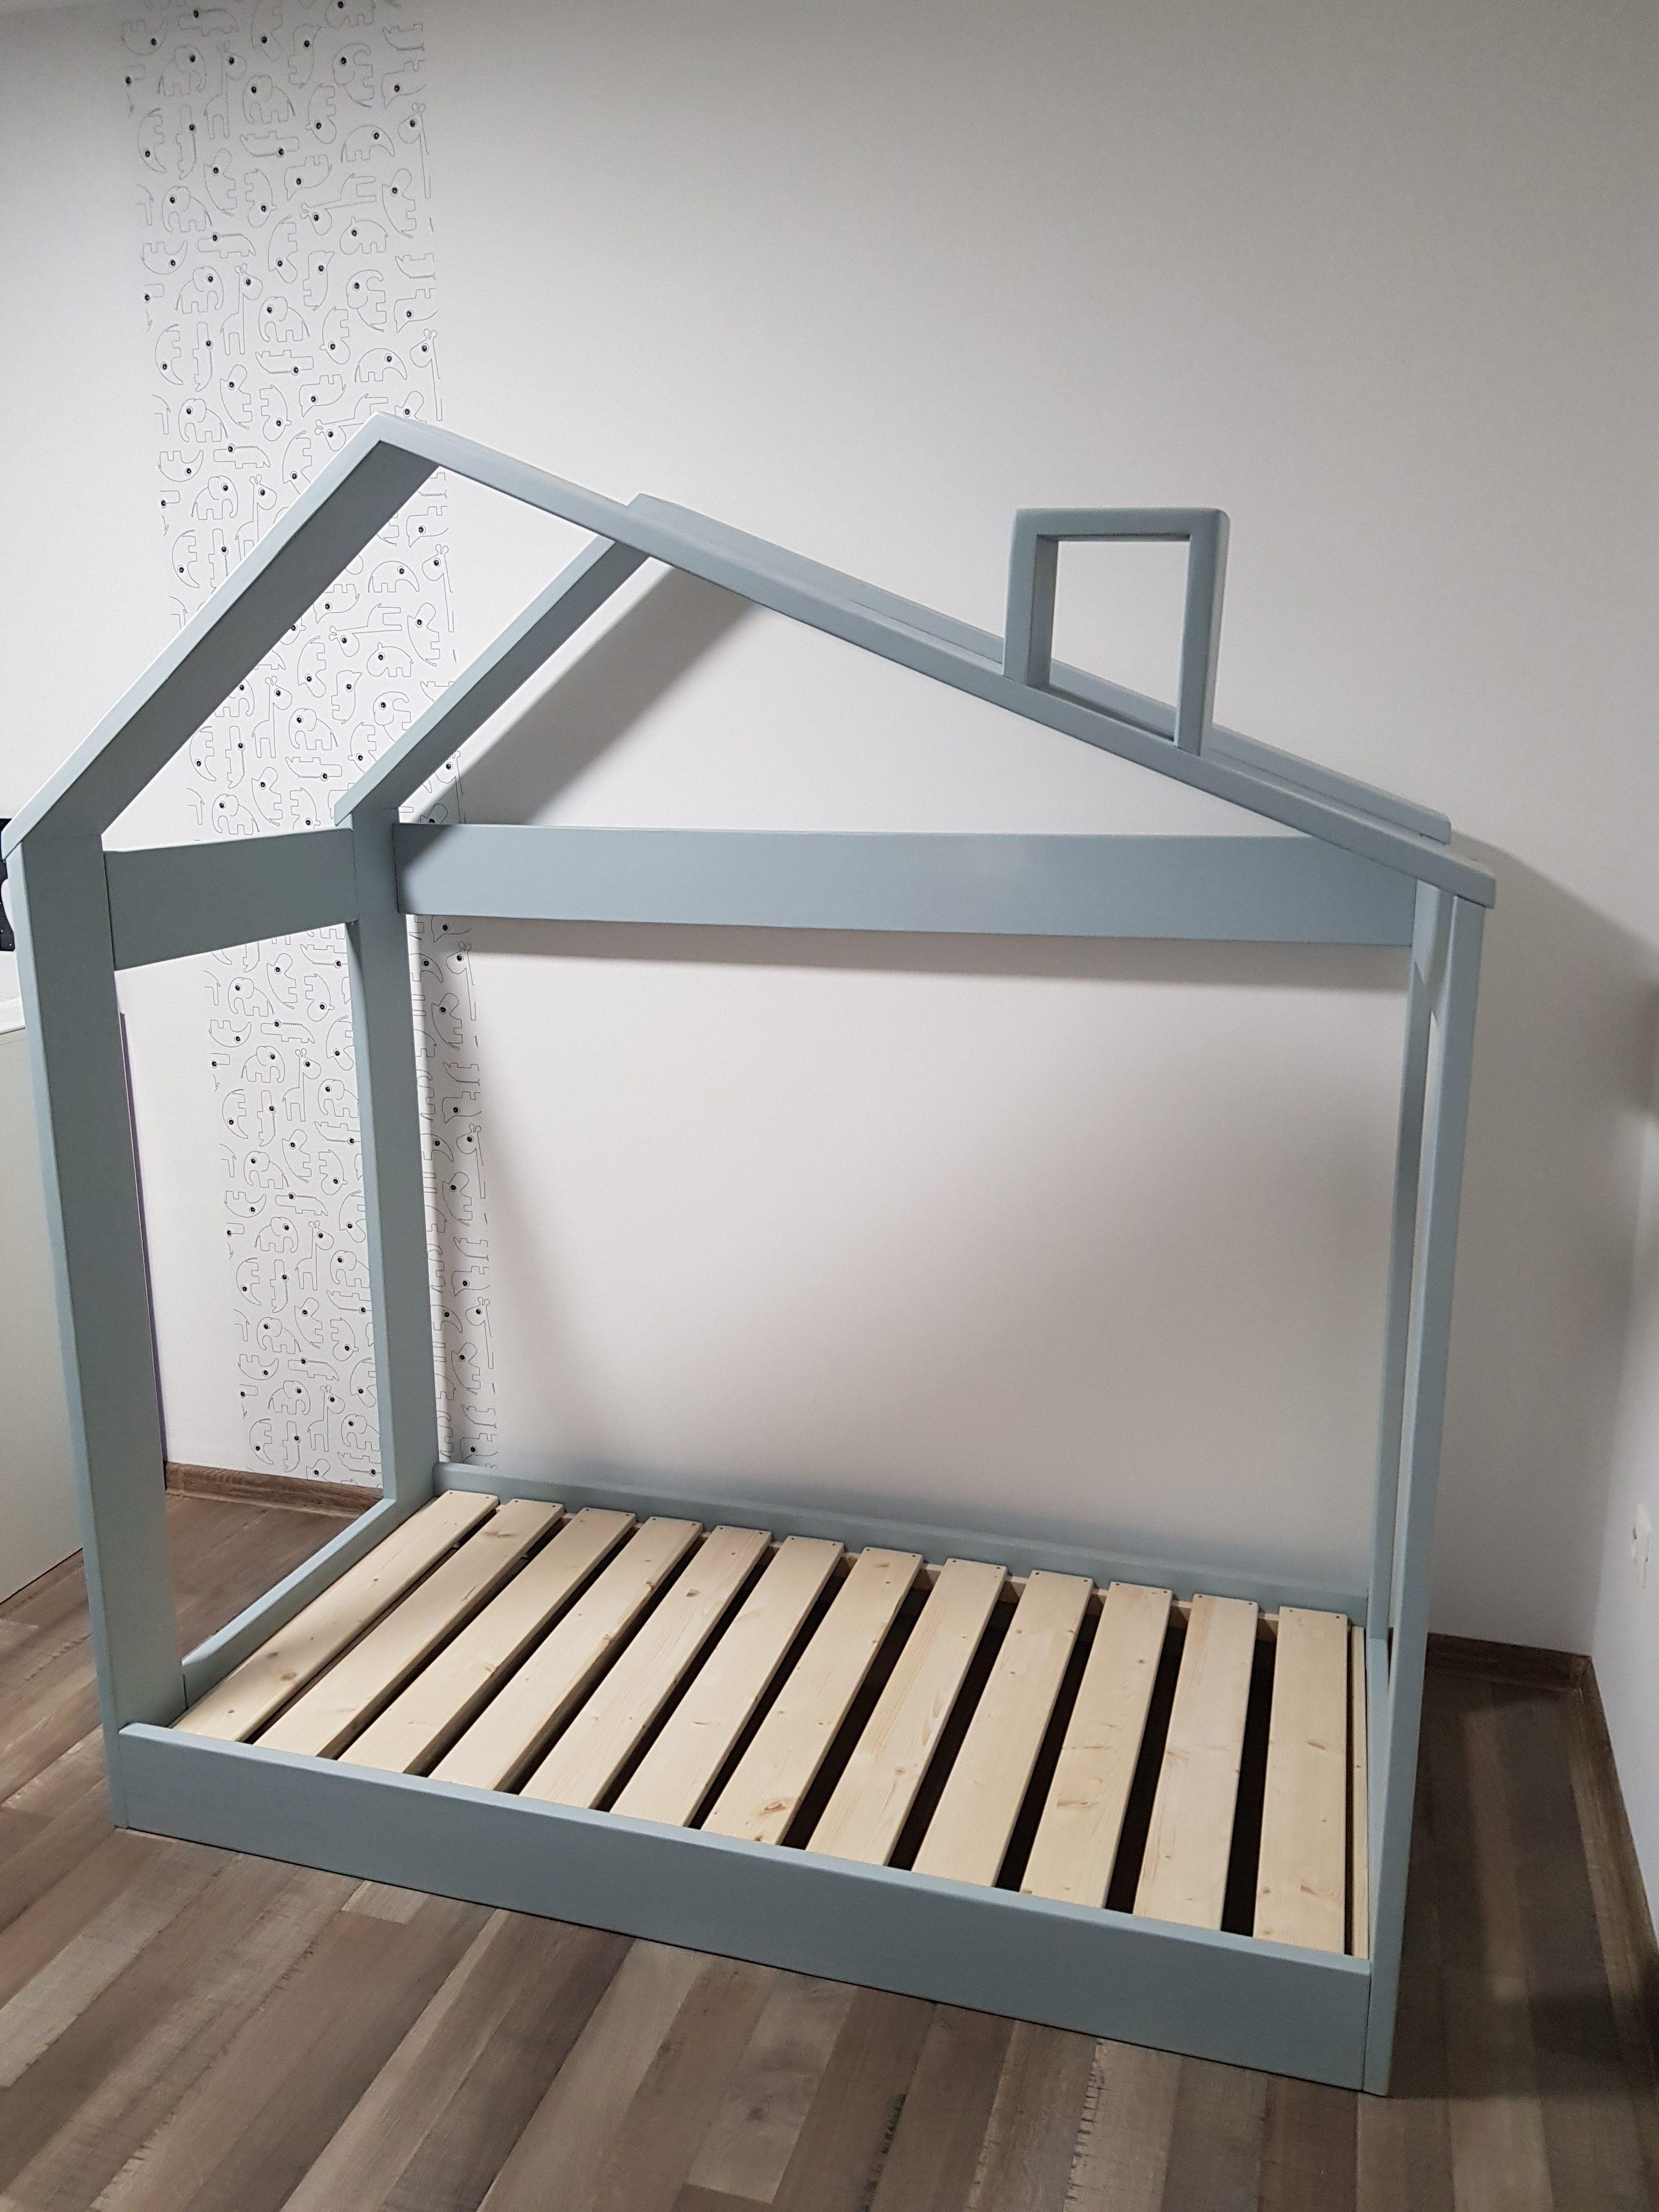 Detská posteľ so strieškou MIŠKA Image